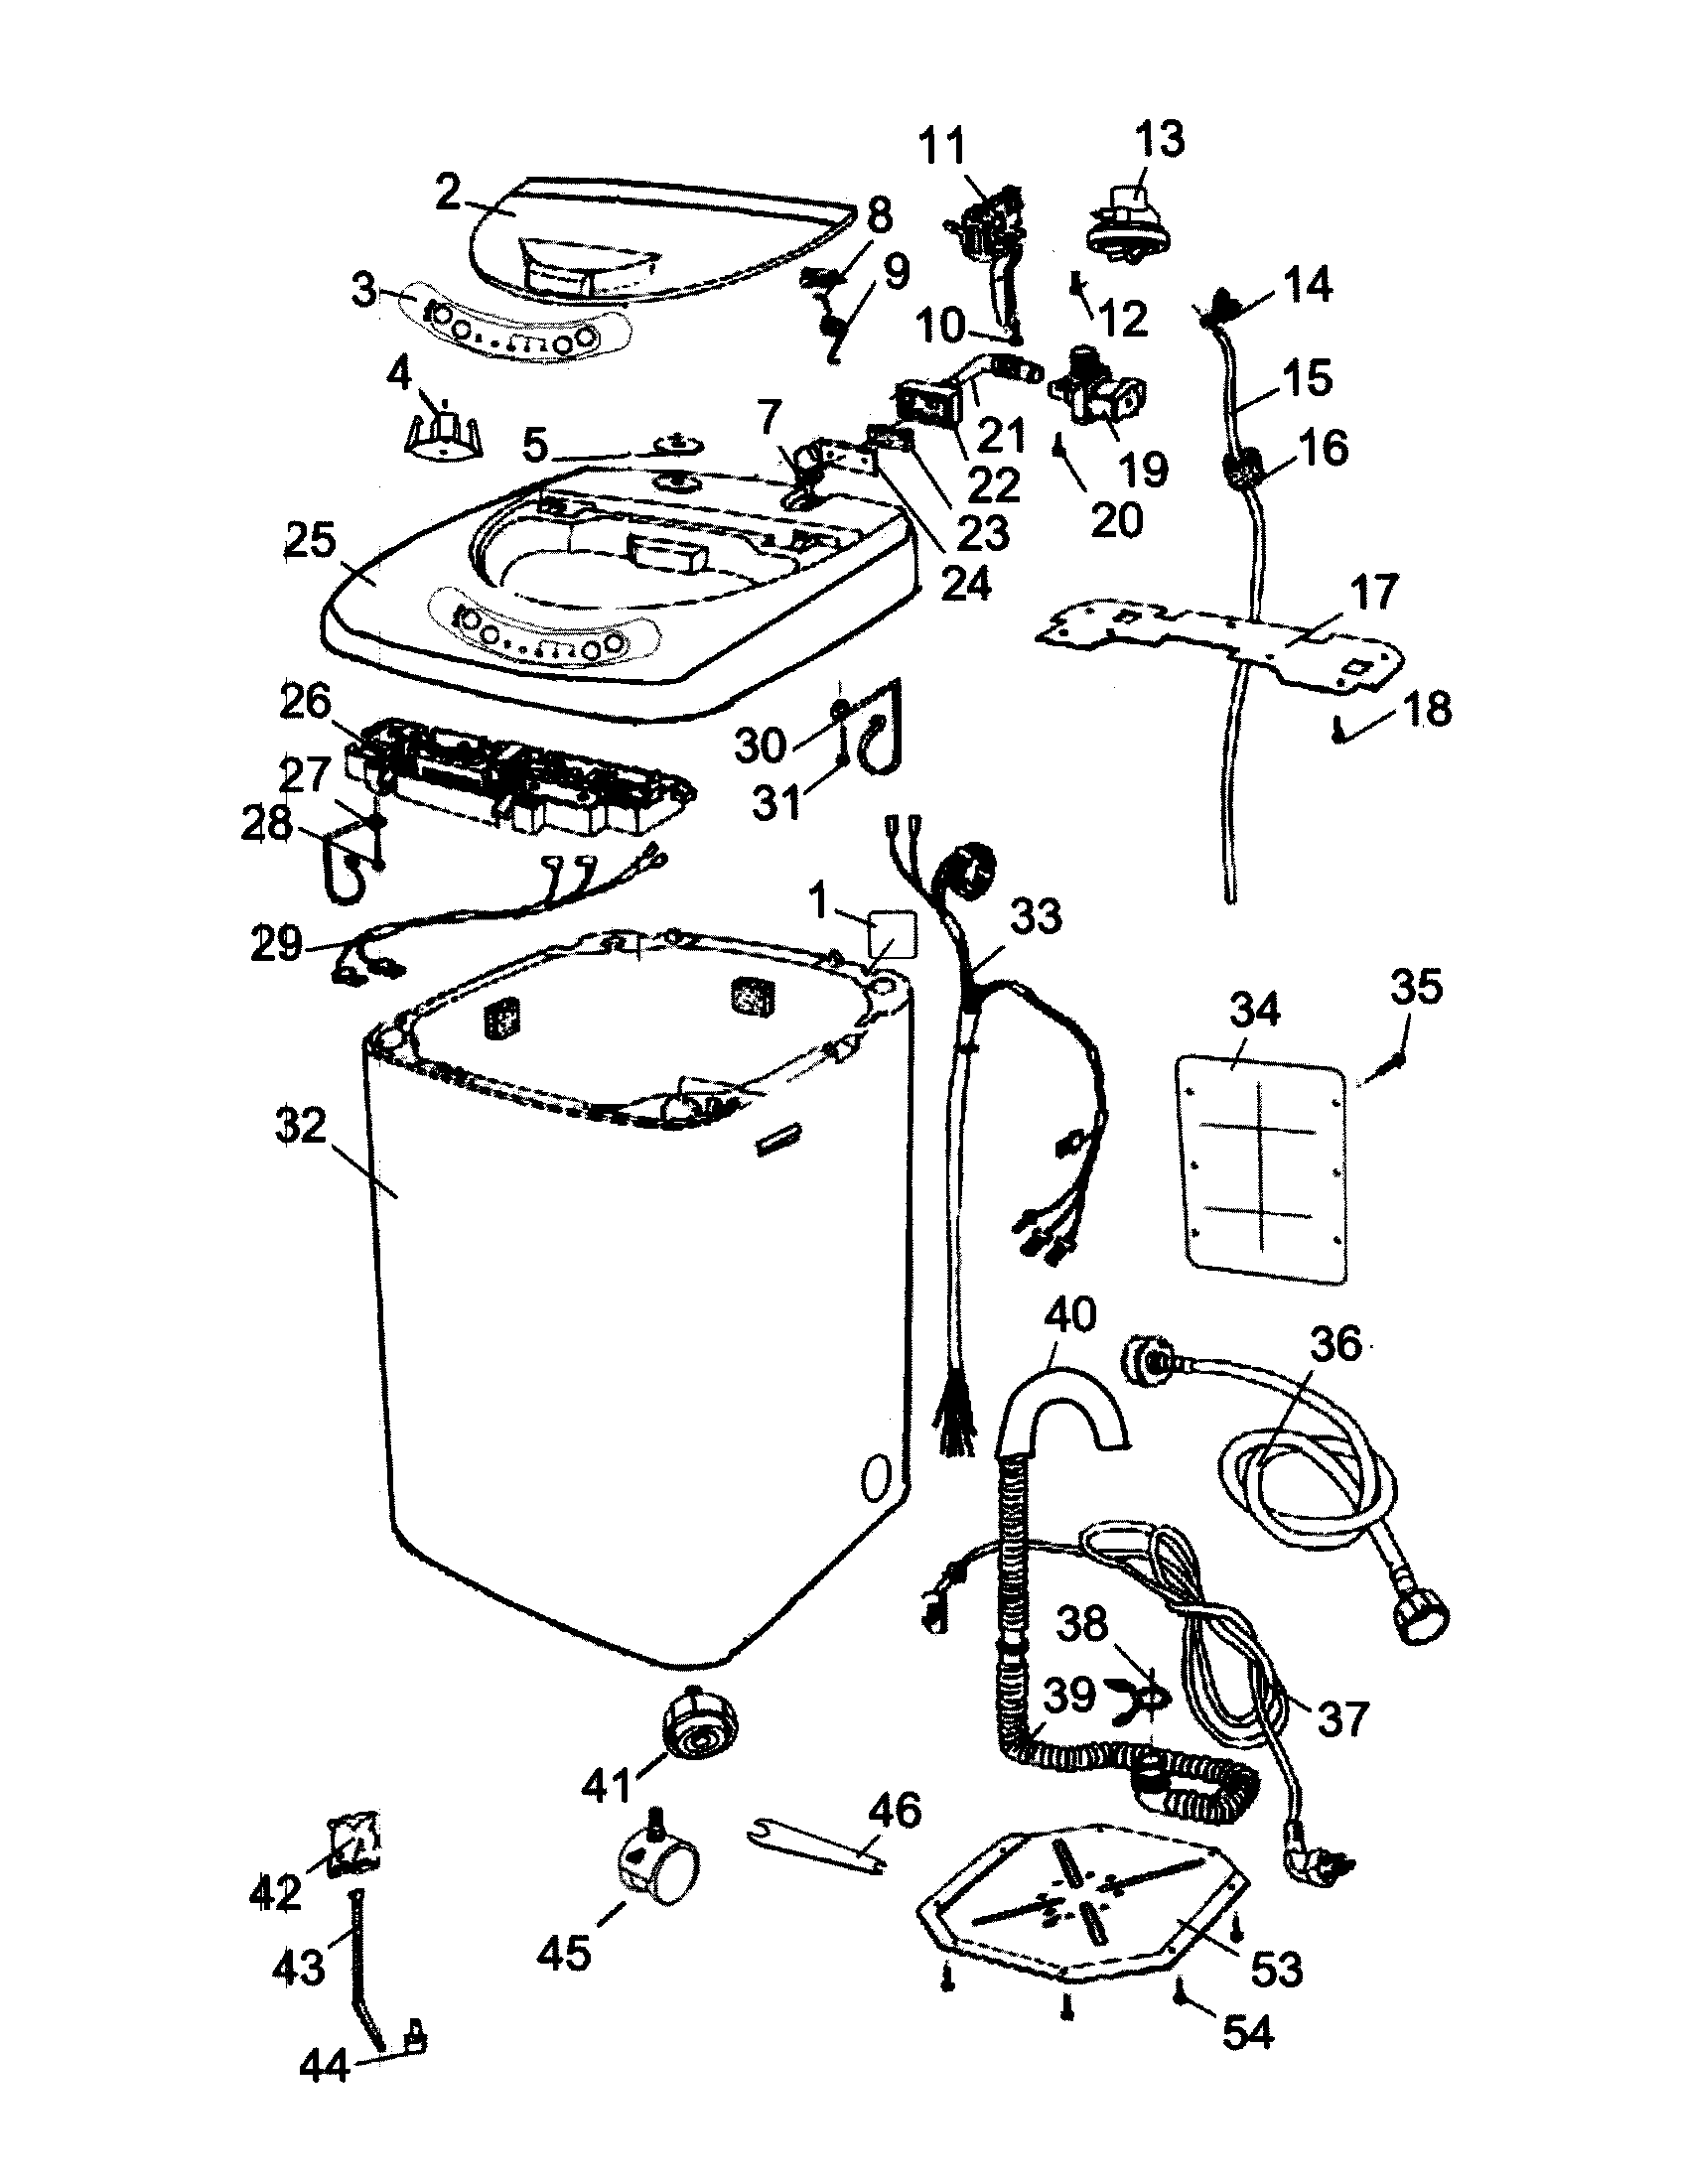 haier washing machine wiring diagram